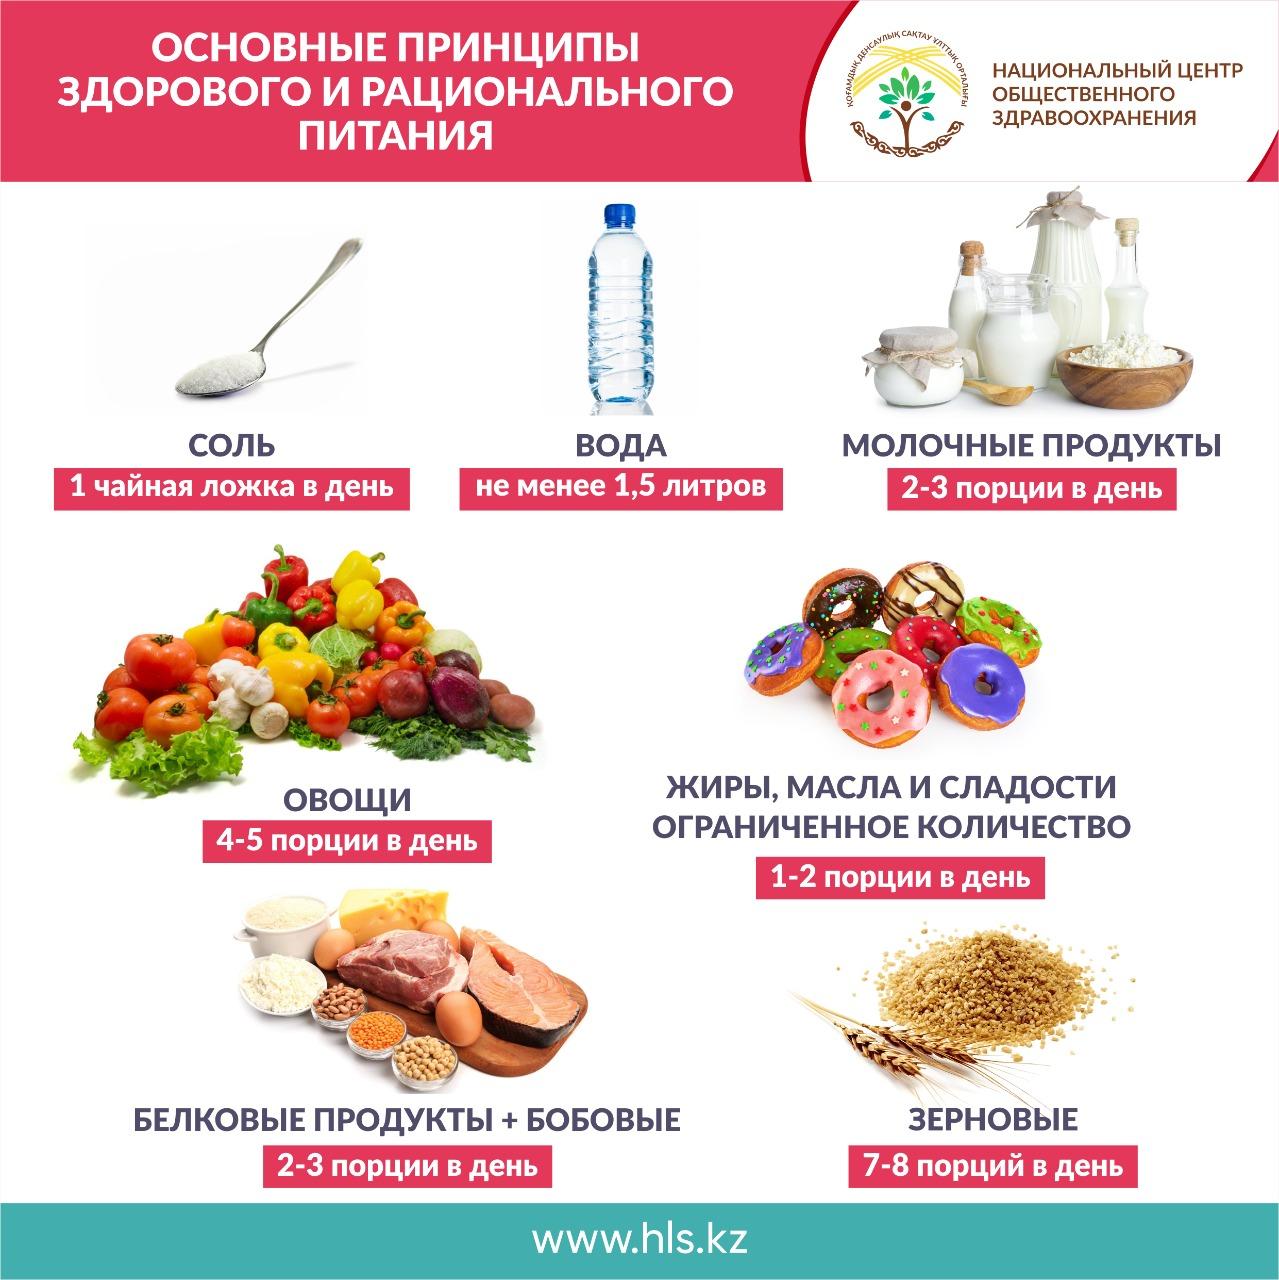 Основные принципы здорового и рационального питания